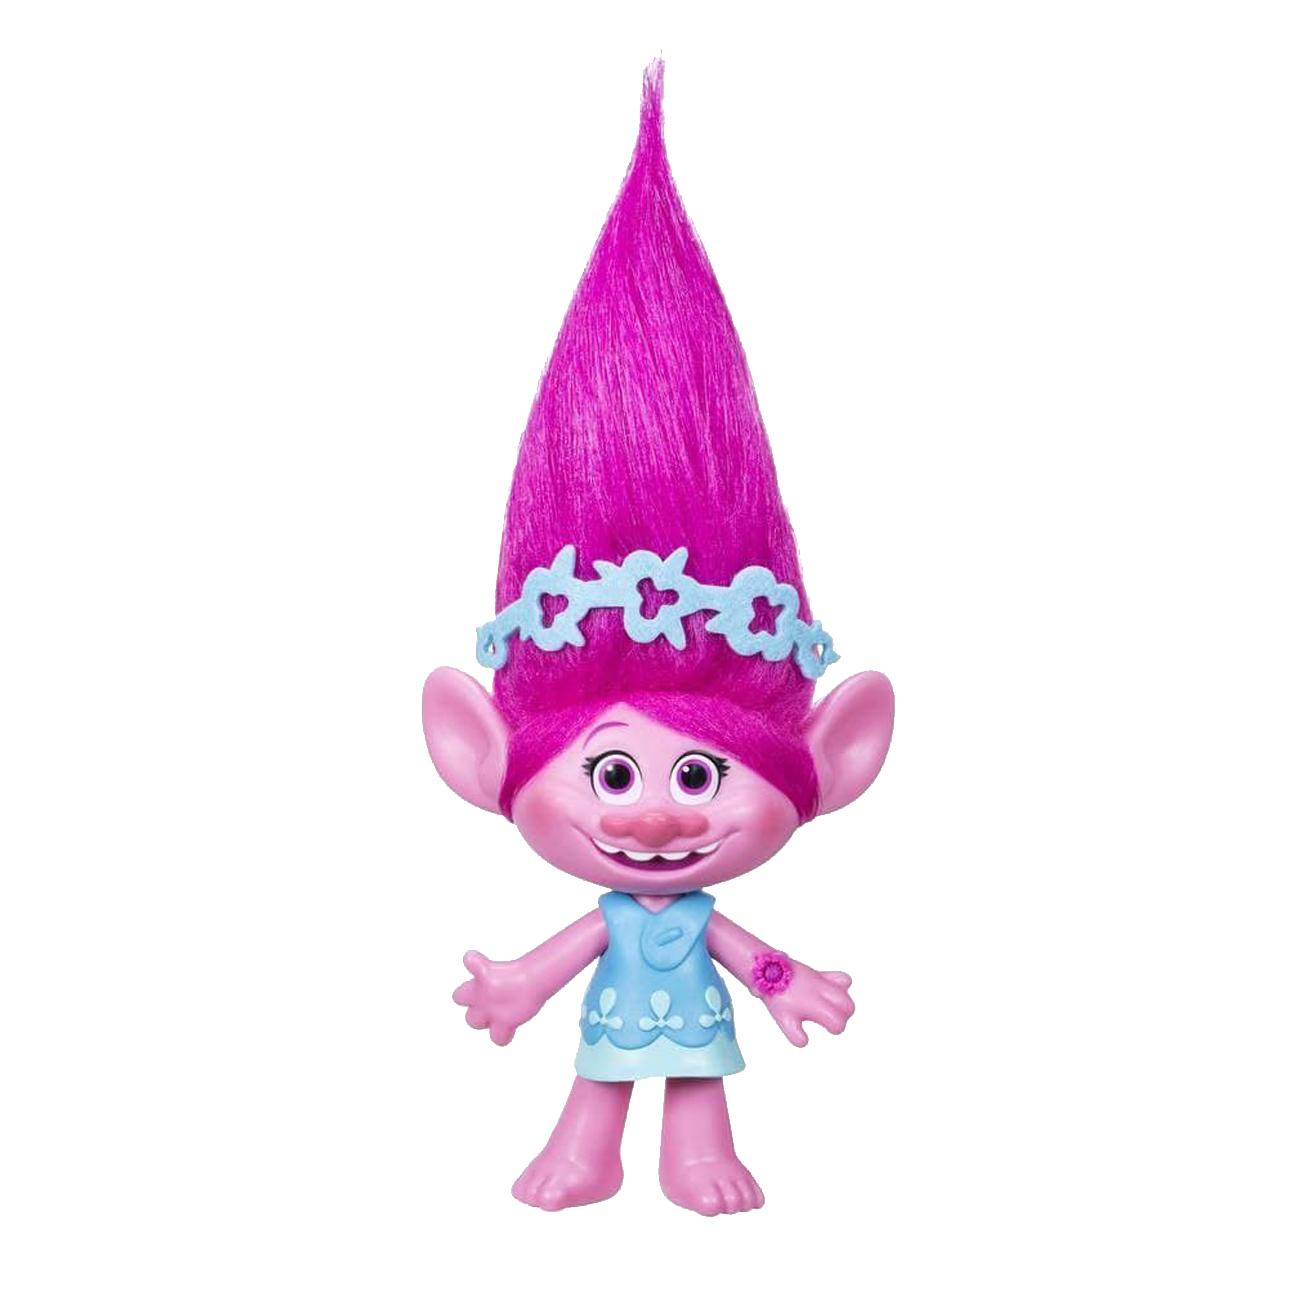 اکشن فیگور هاسبرو مدل ترولز Trolls Poppy